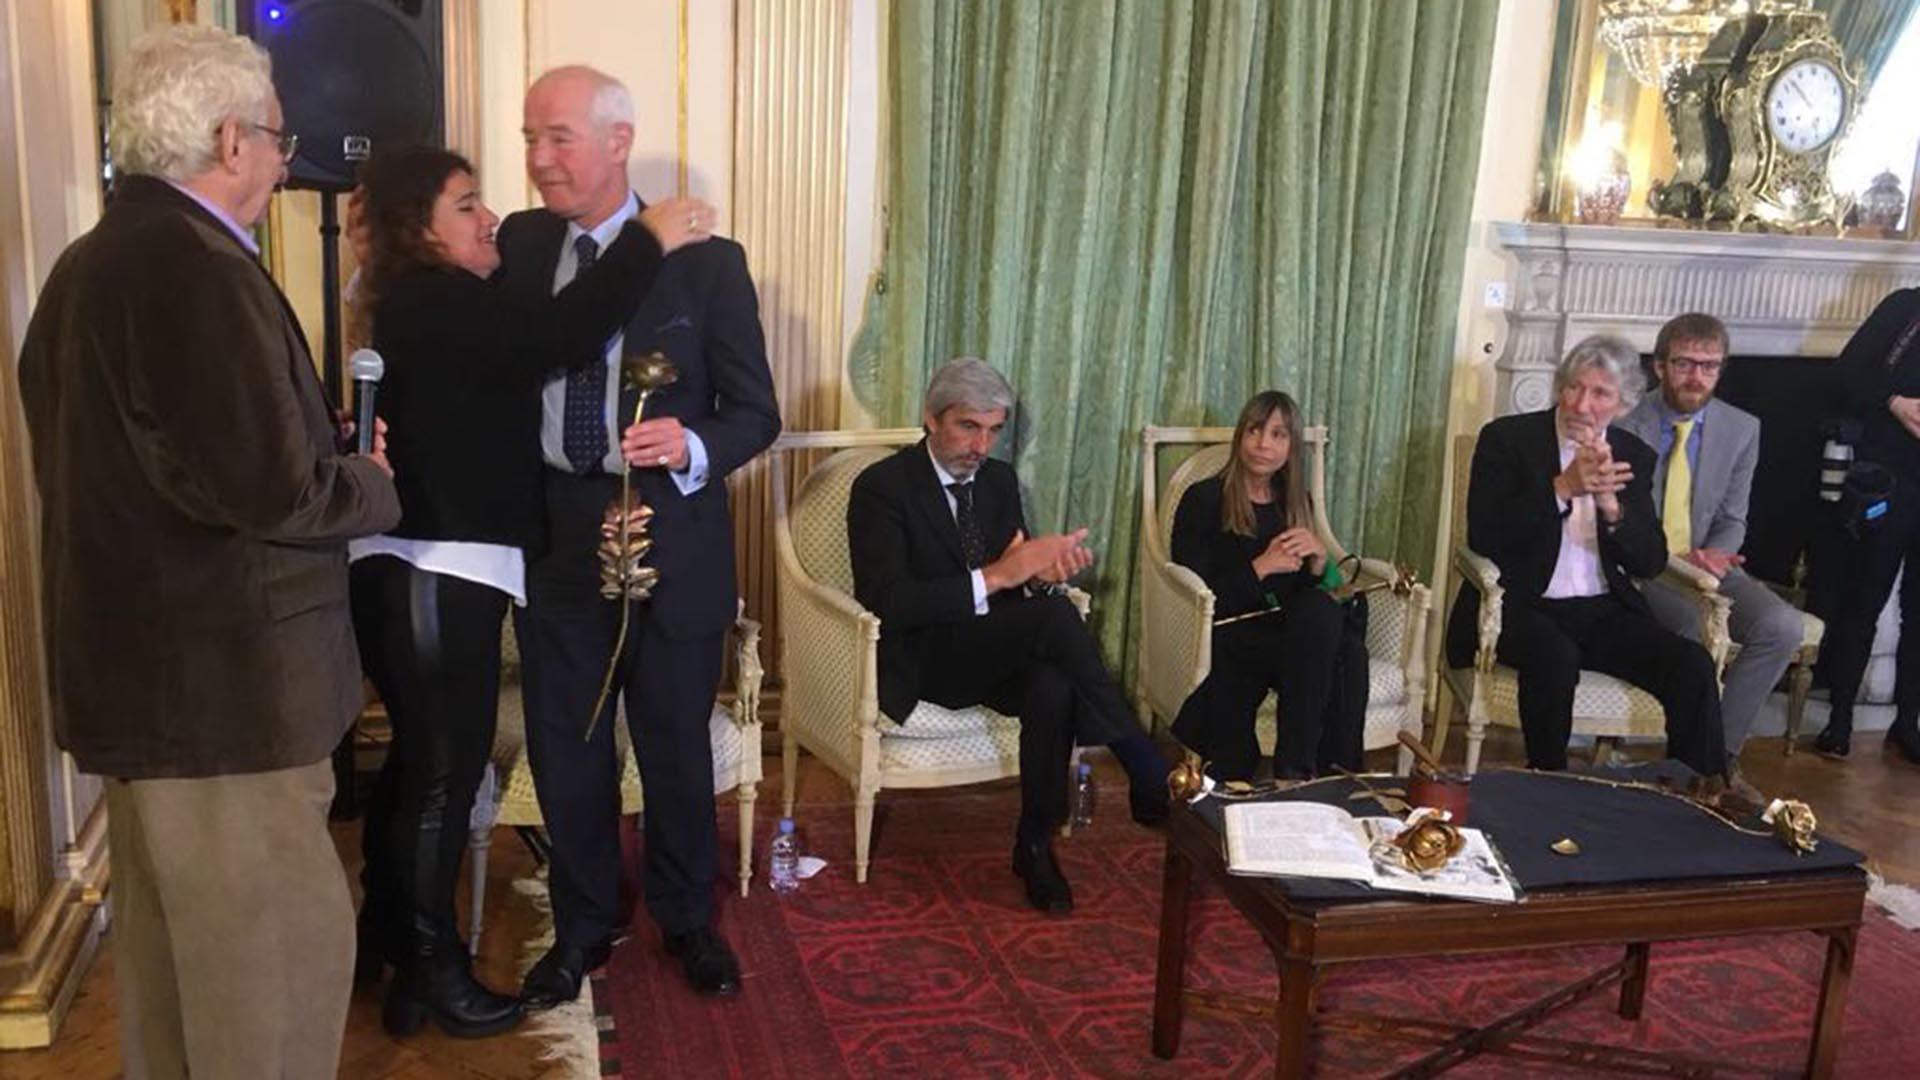 La ceremonia se realizó en la residencia del embajador argentino en Londres